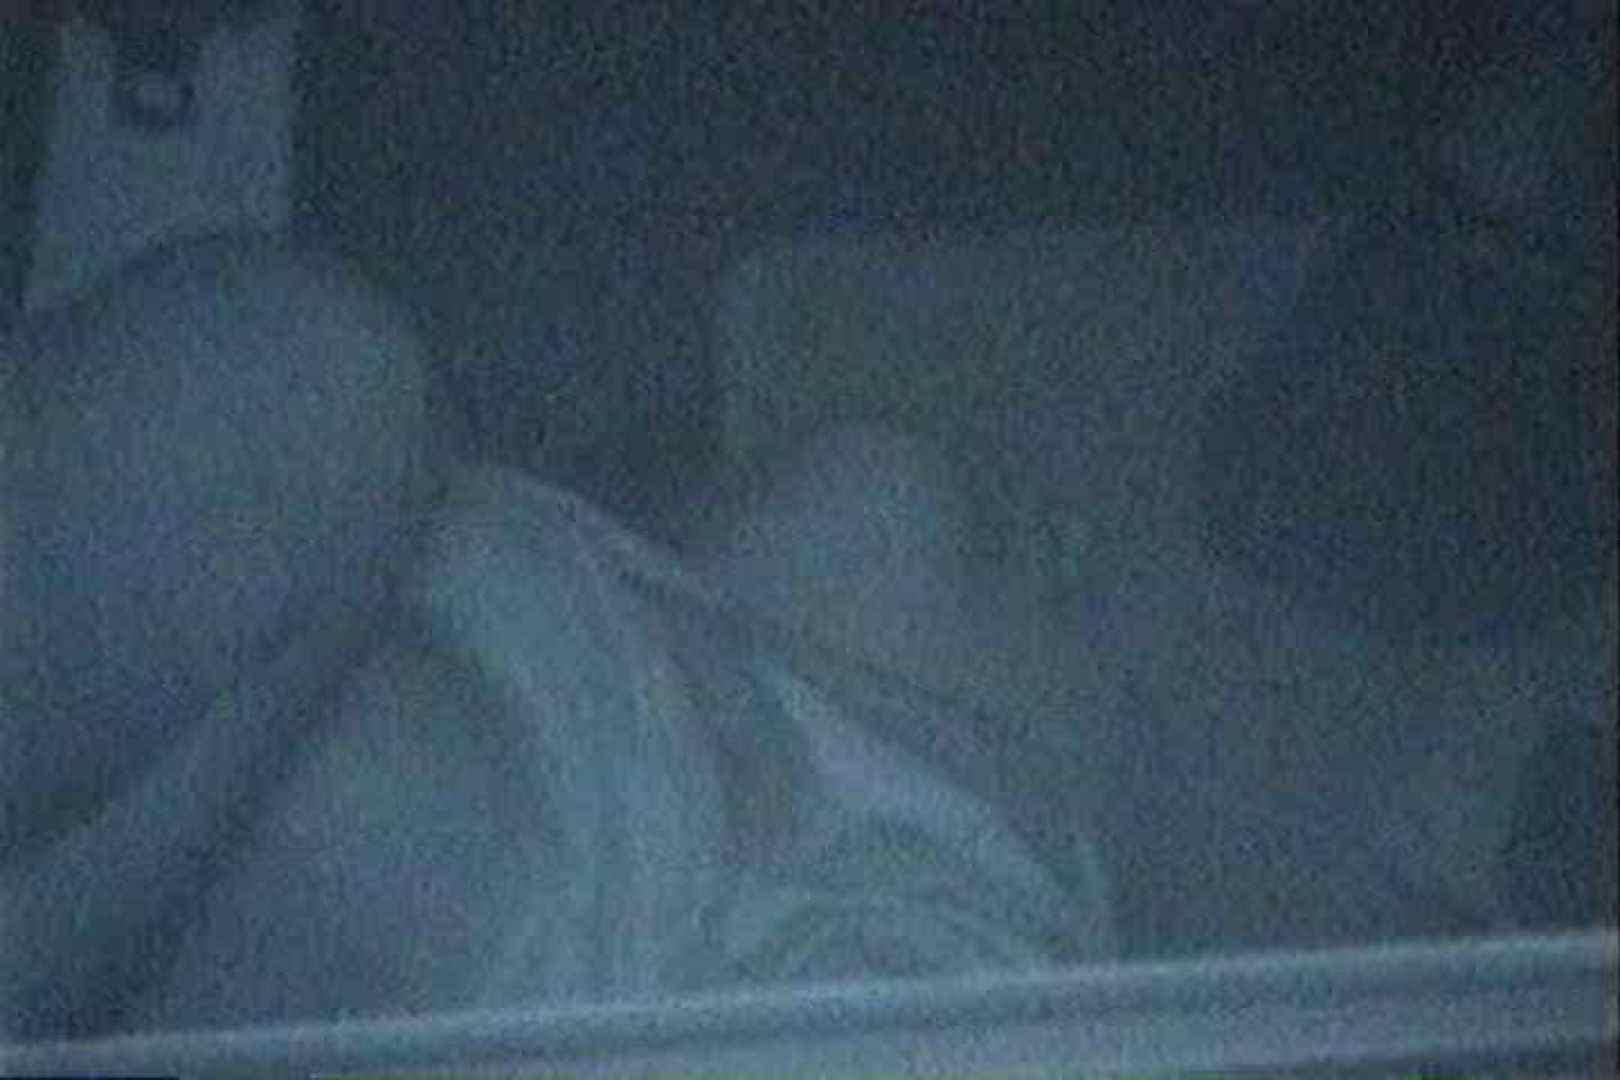 充血監督の深夜の運動会Vol.150 車の中のカップル | おまんこ無修正  85画像 45